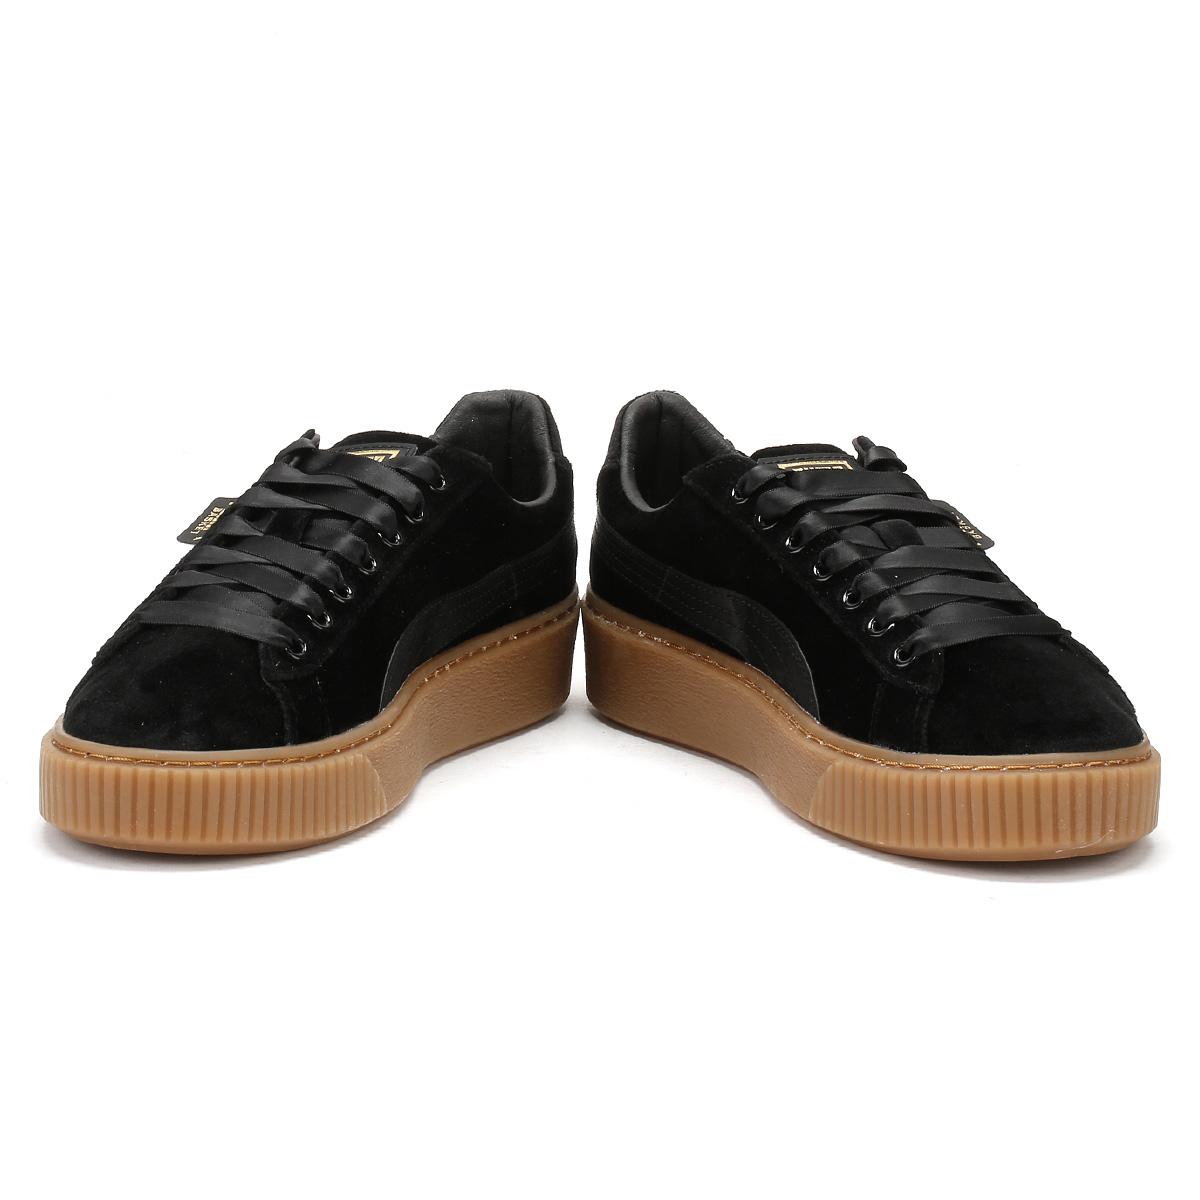 Puma donne nero nero nero formatori gomma velvet cesto piattaforma merletto signore le scarpe a622a4